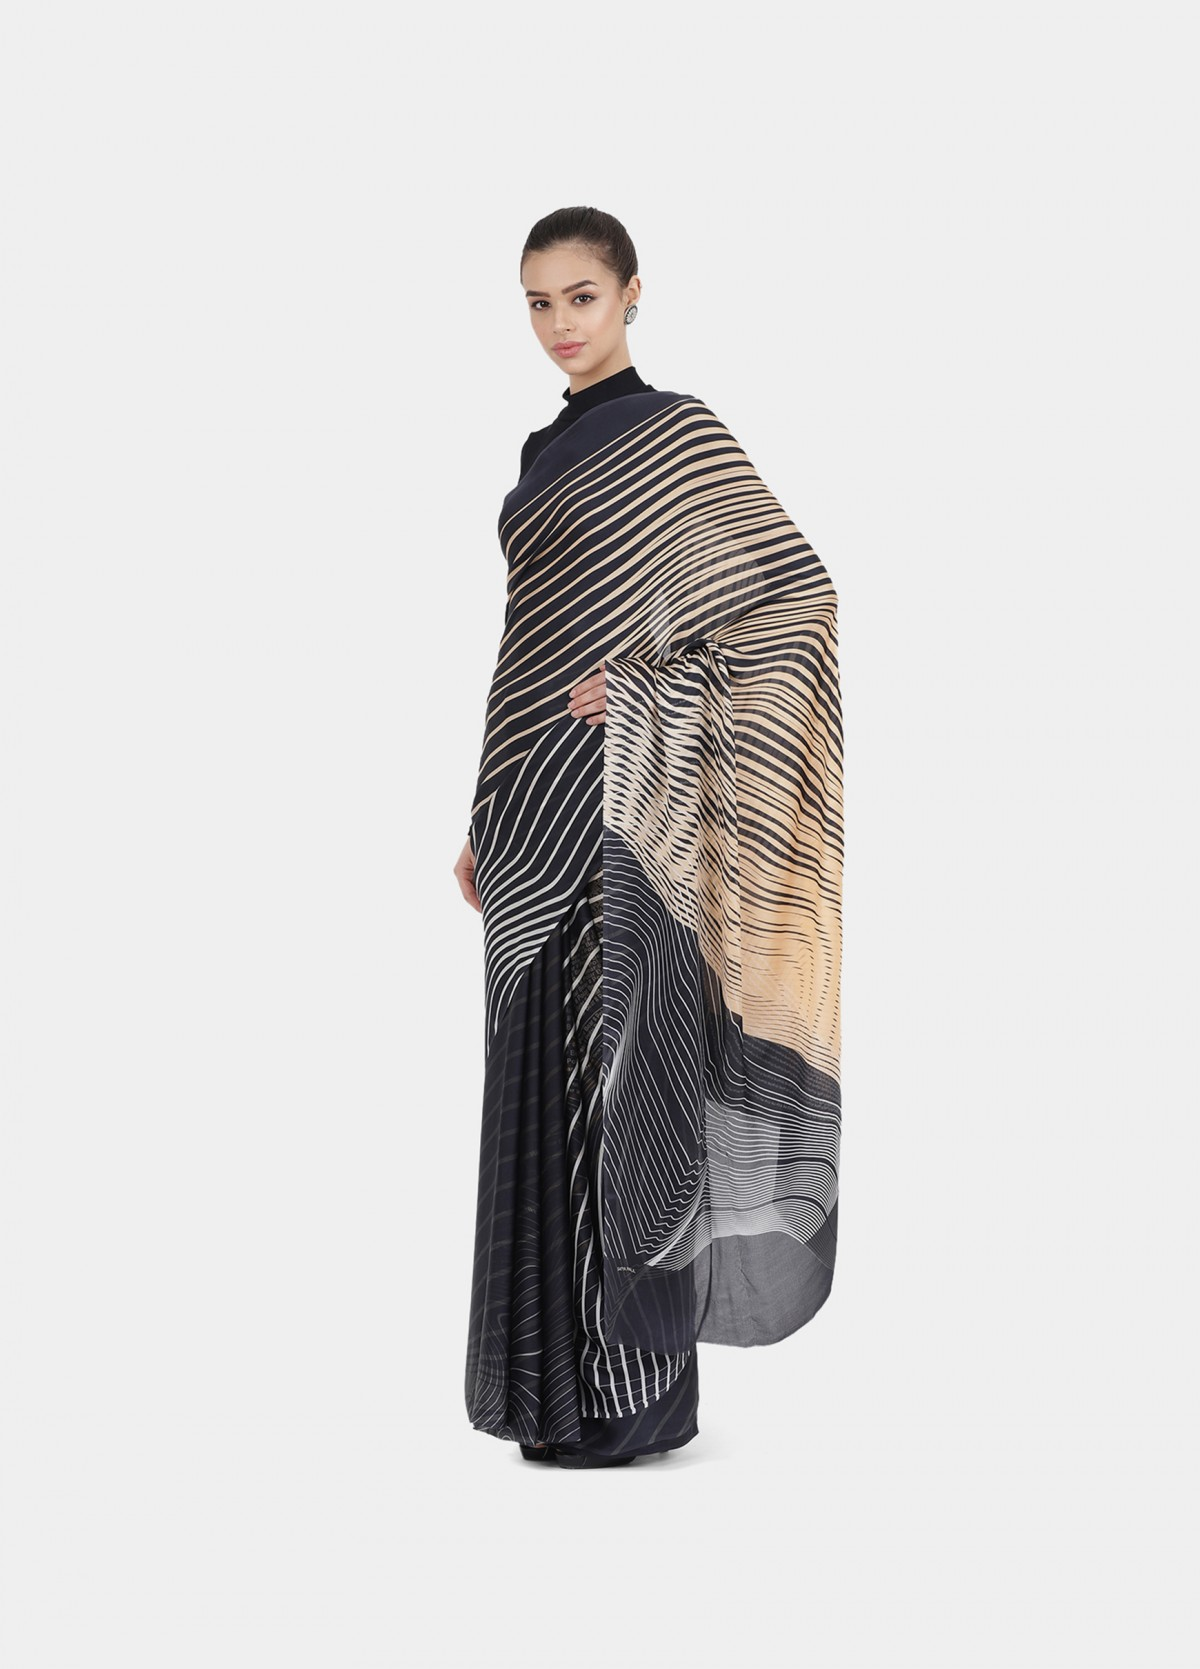 The Teddy Sari